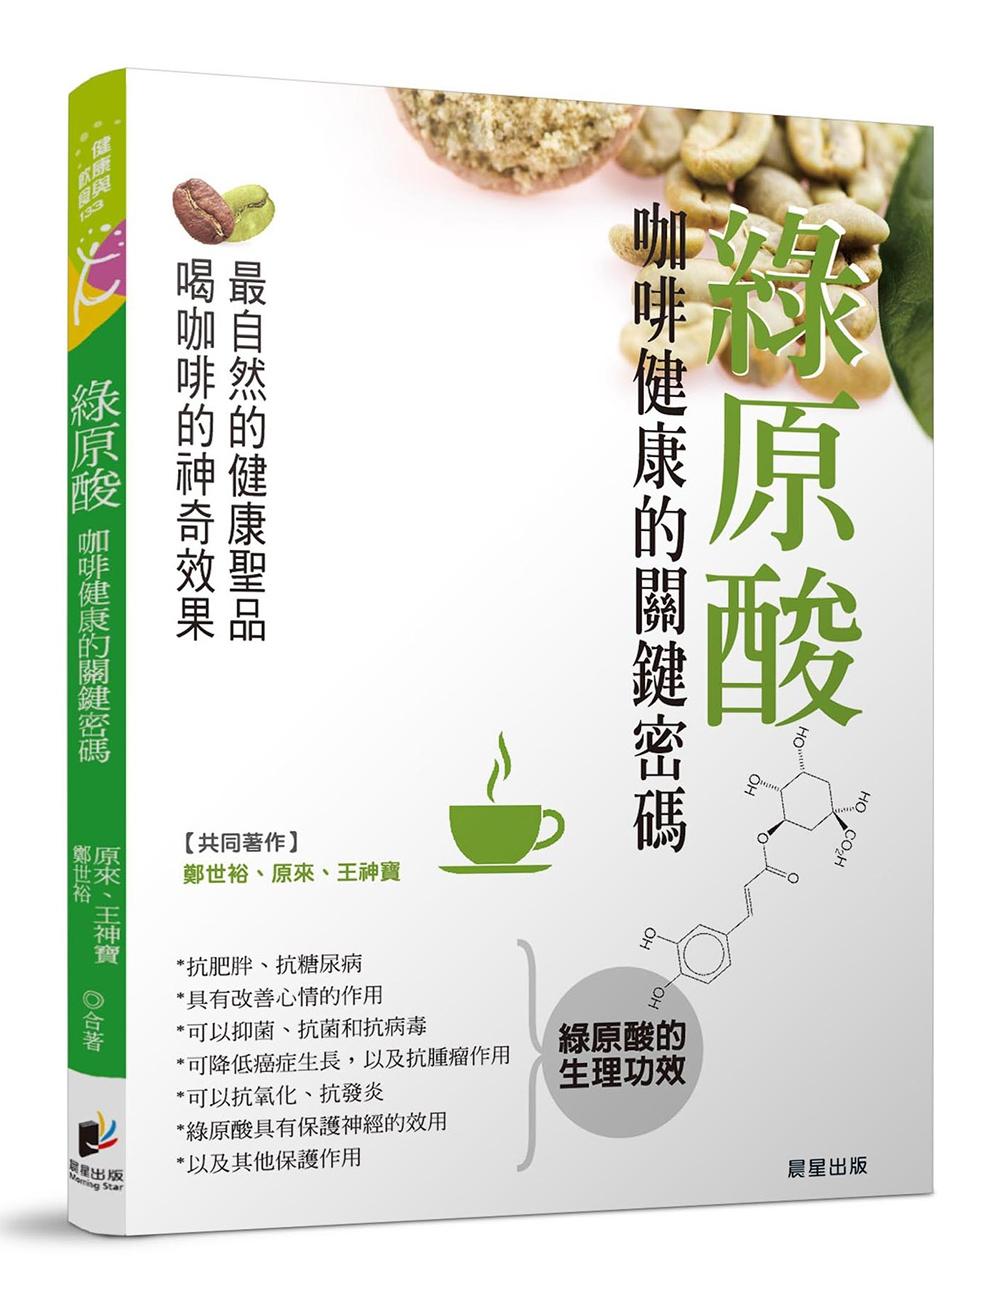 綠原酸:咖啡健康...